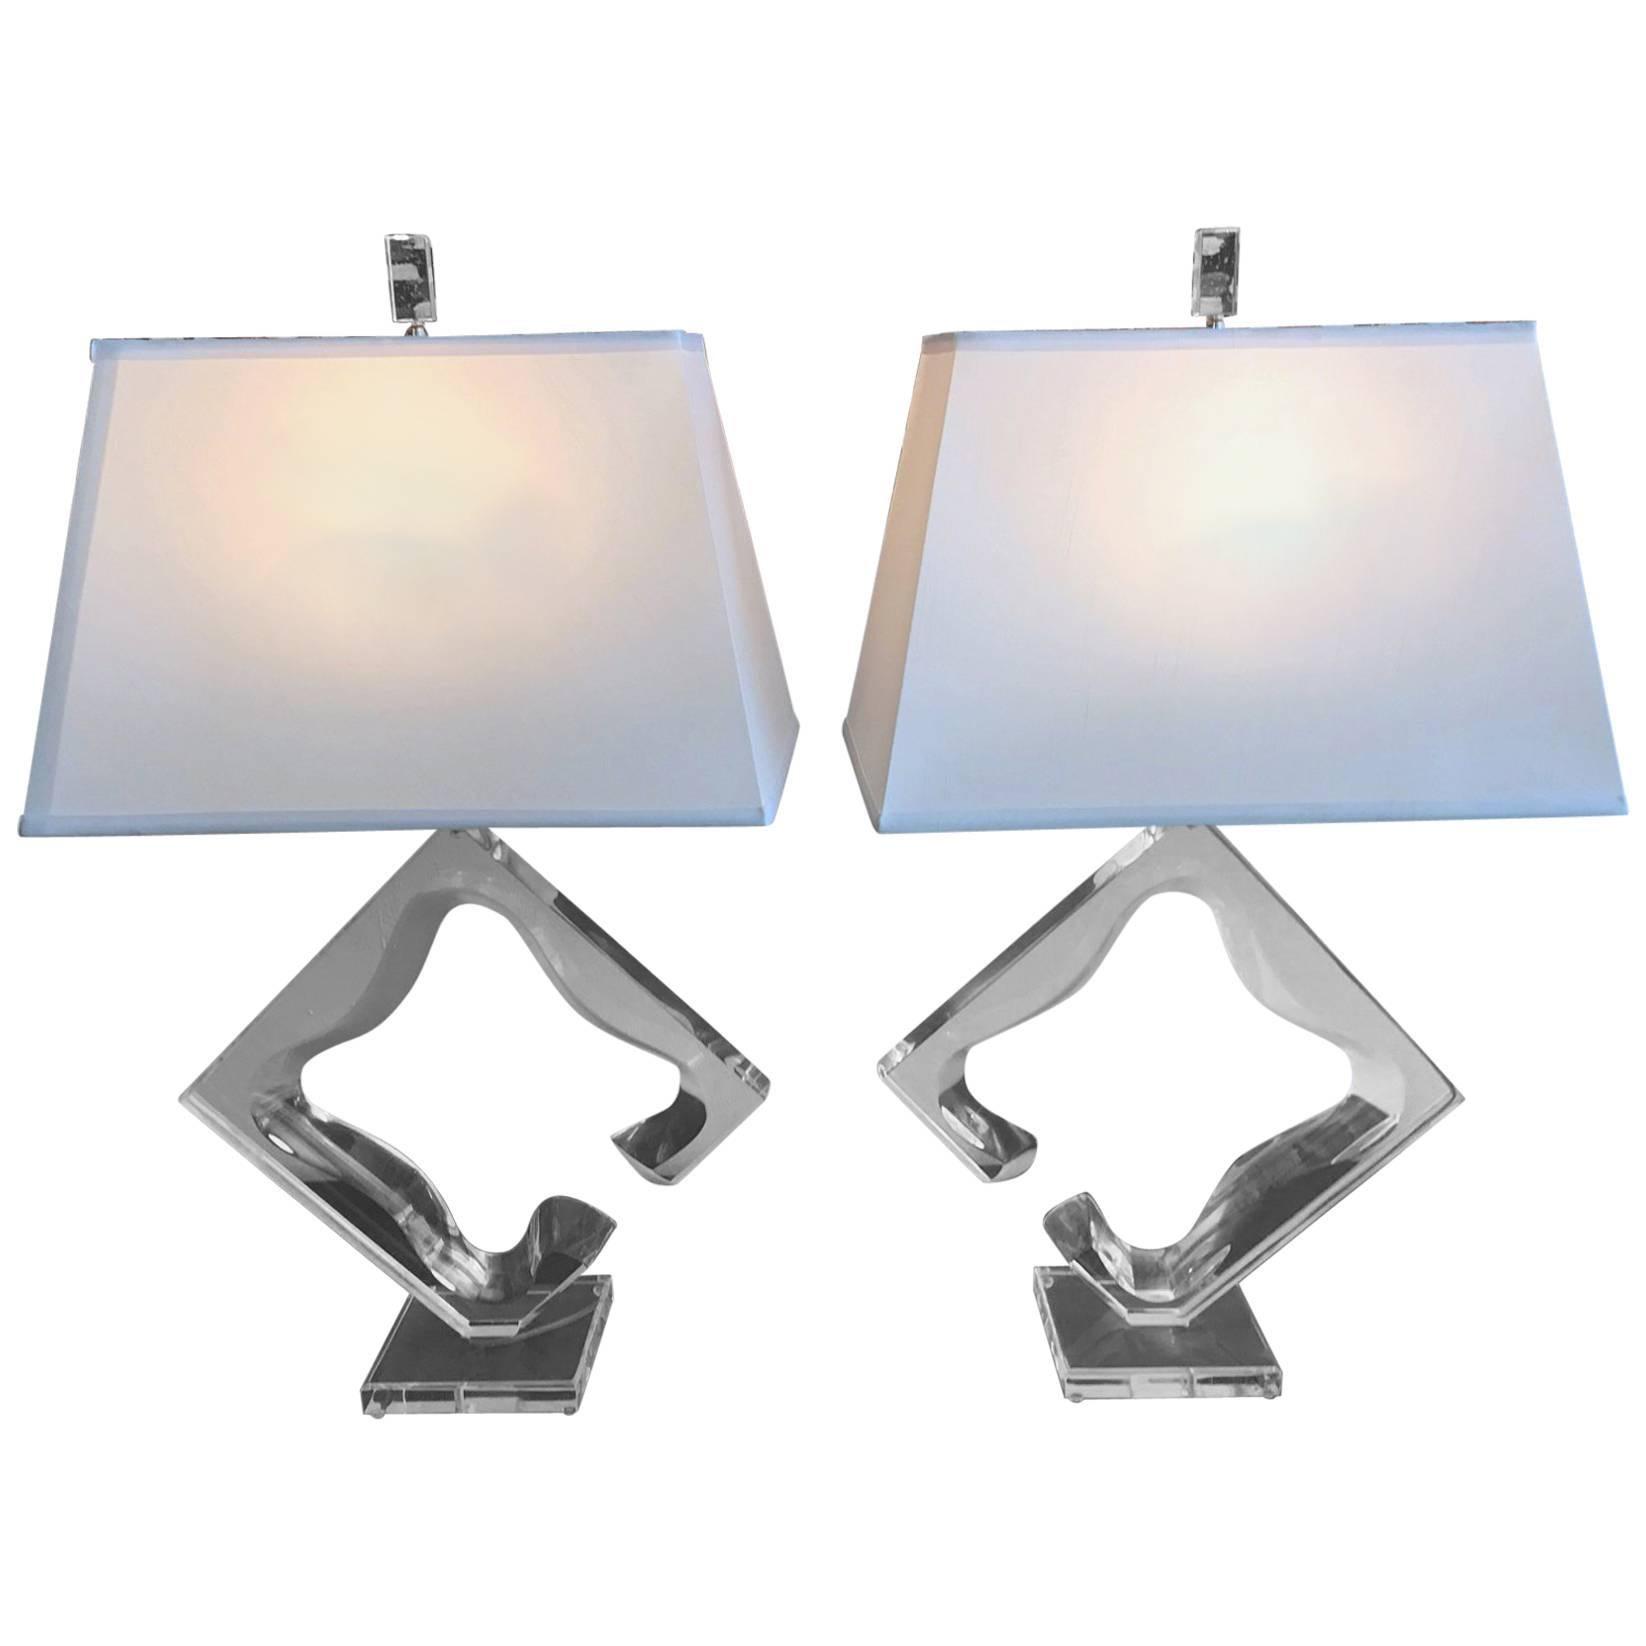 Pair of Van Teal Table Lamps